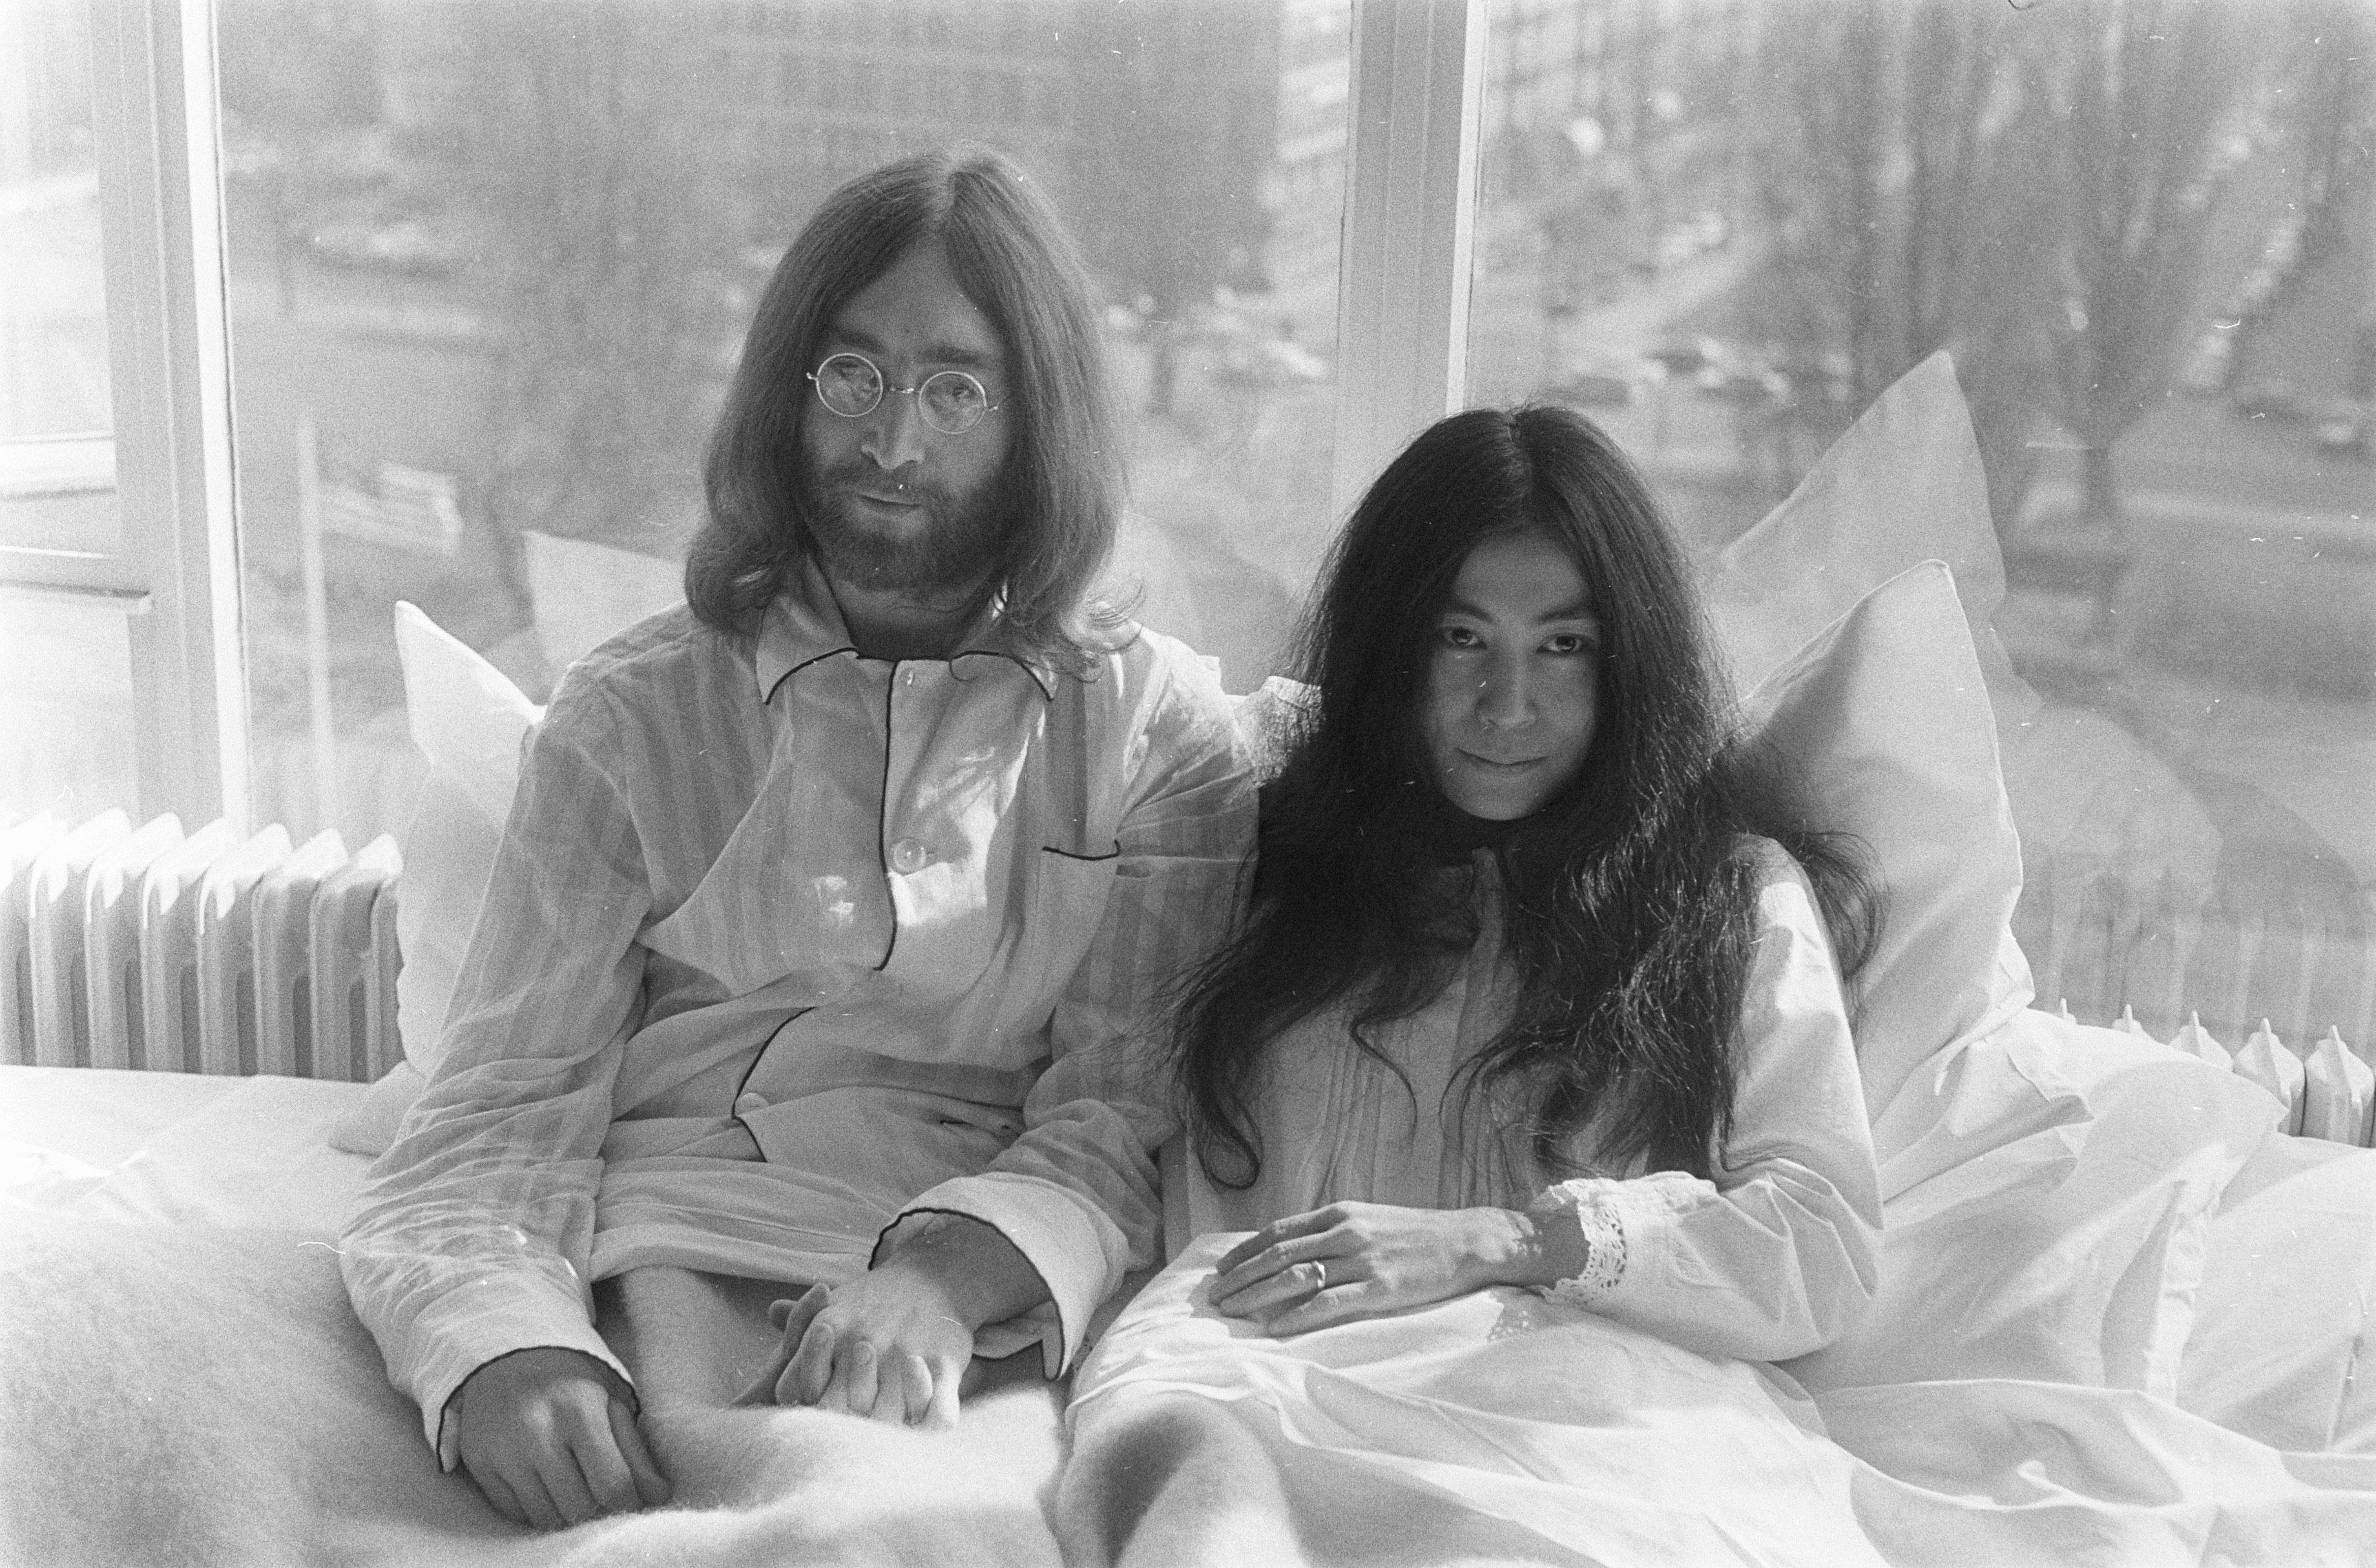 File:John Lennon en zijn echtgenote Yoko Ono op huwelijksreis in Amsterdam.  John Lenn, Bestanddeelnr 922-2305.jpg - Wikimedia Commons